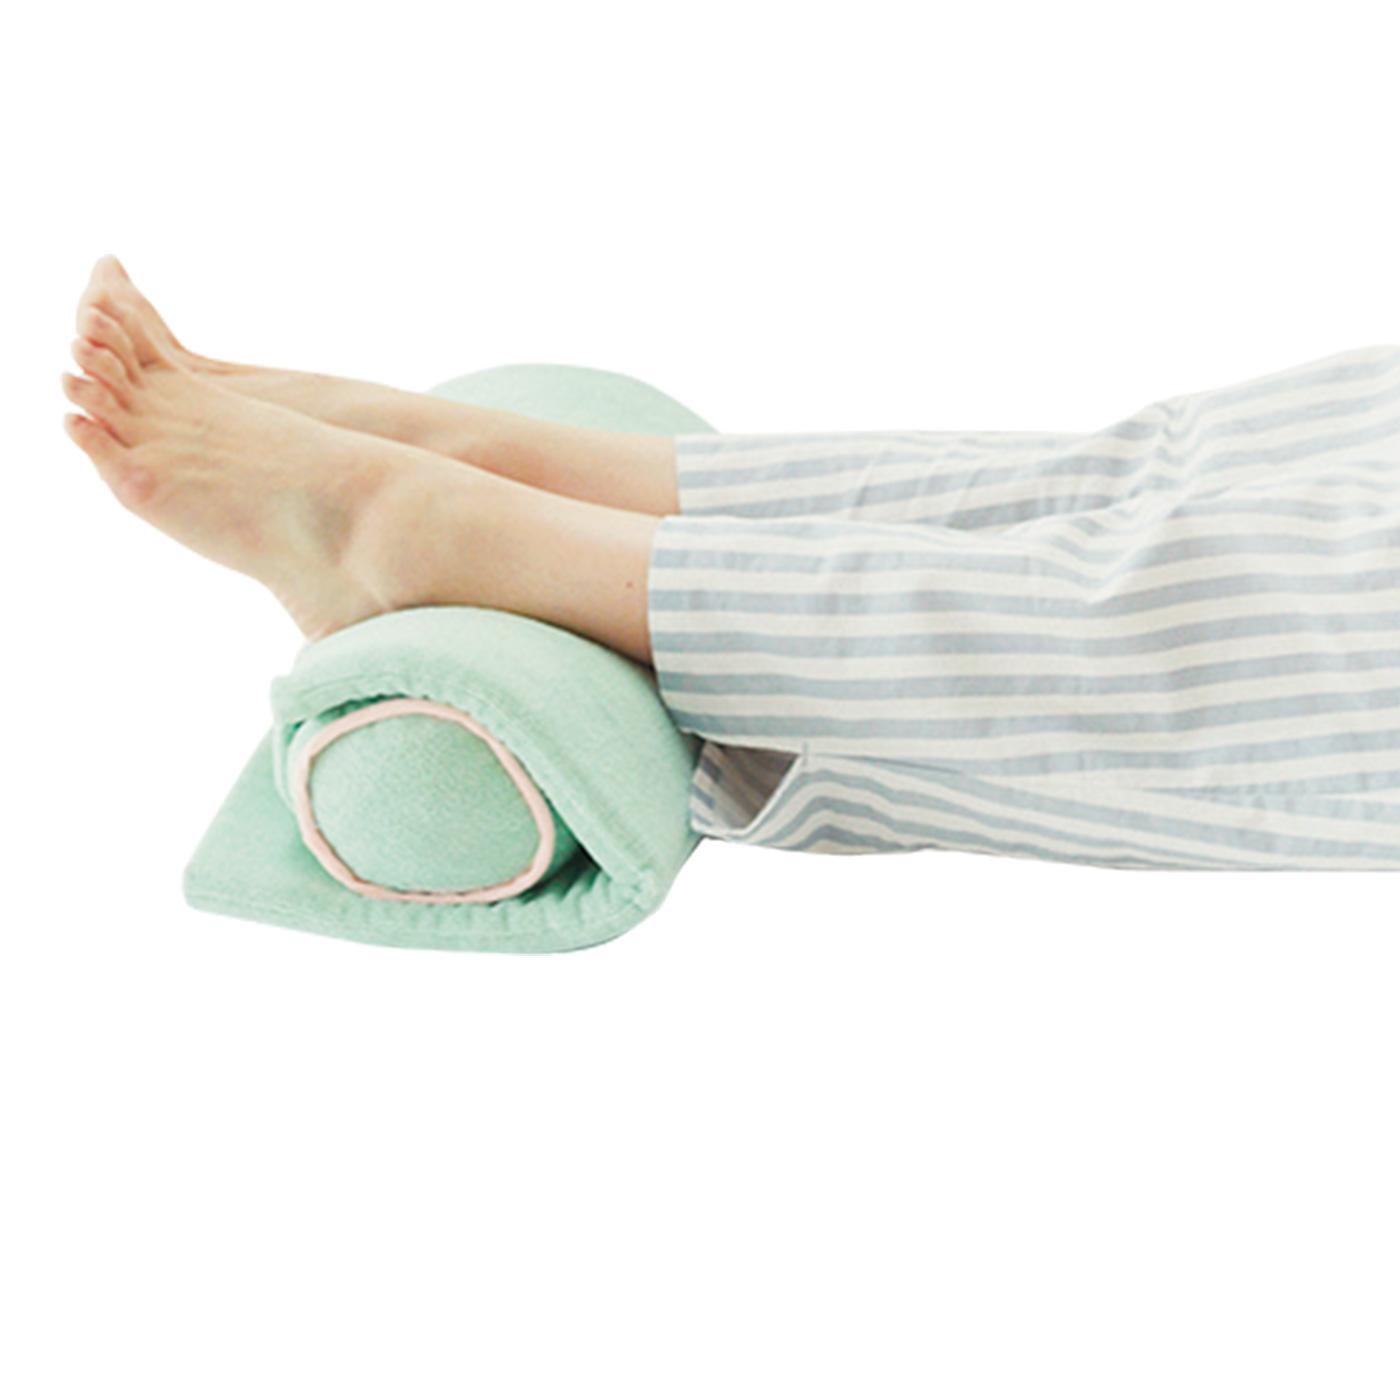 たくさん歩いた日には、筒の状態で足枕に。